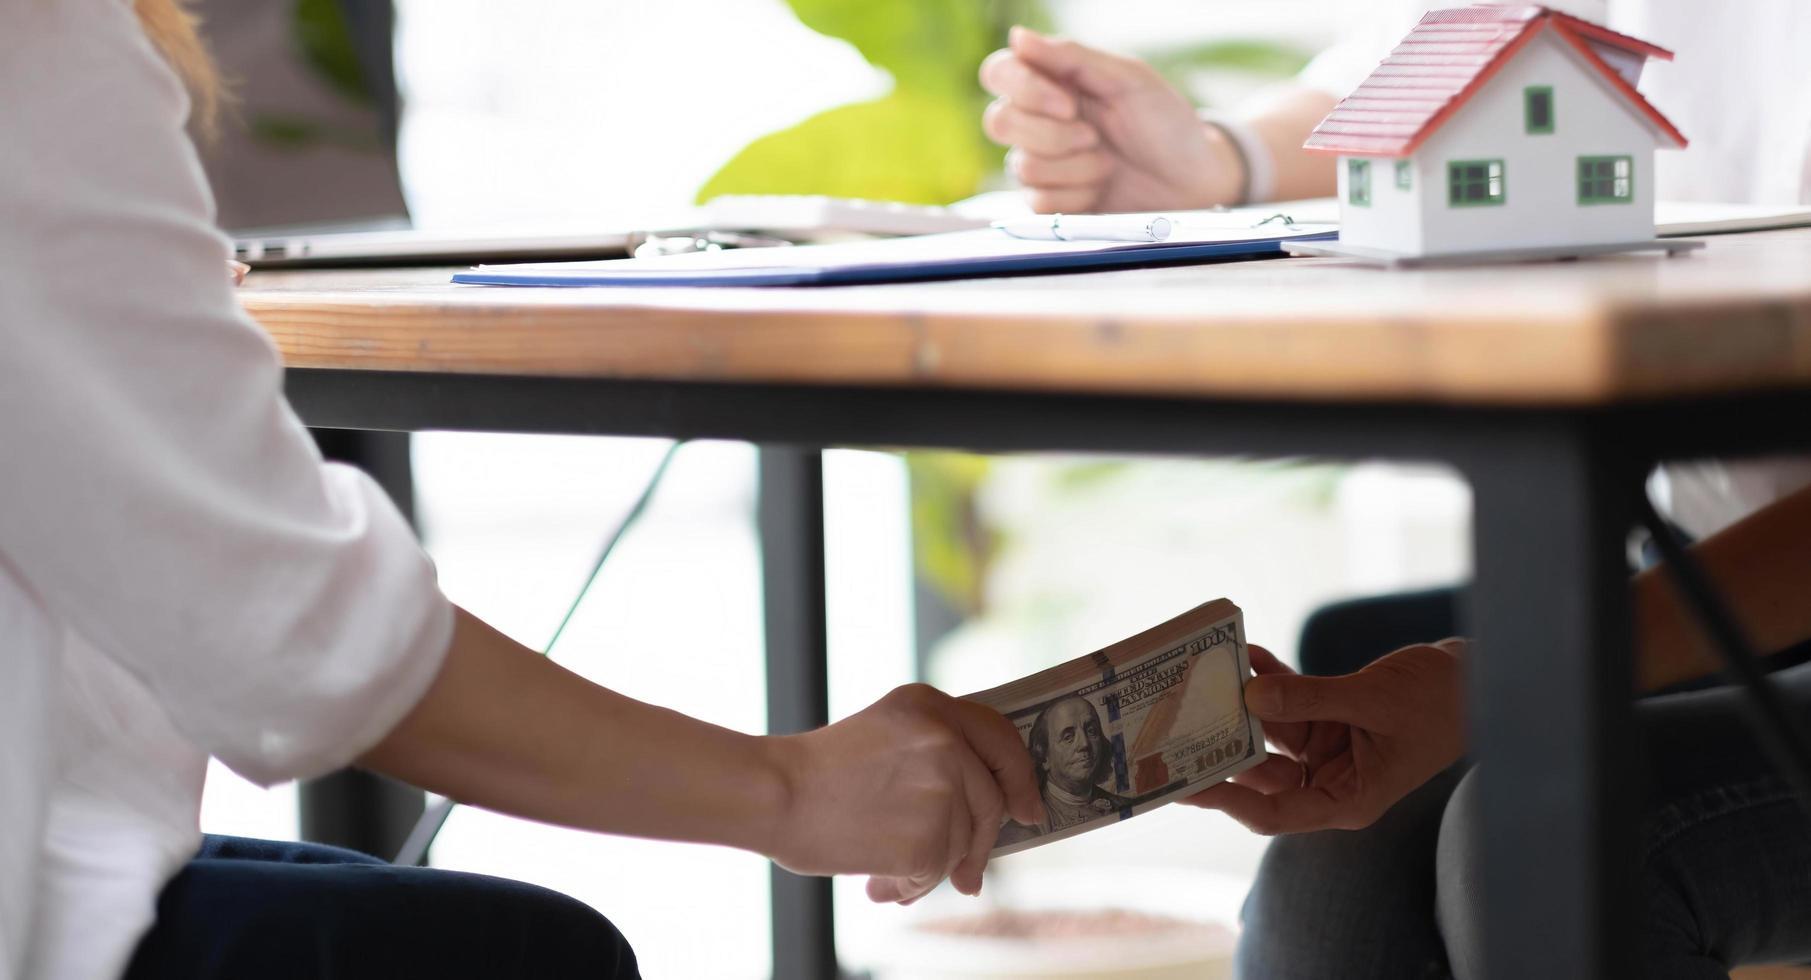 närbild affärskvinnor händer tar mutor pengar under bordet, korruption och mutor koncept foto